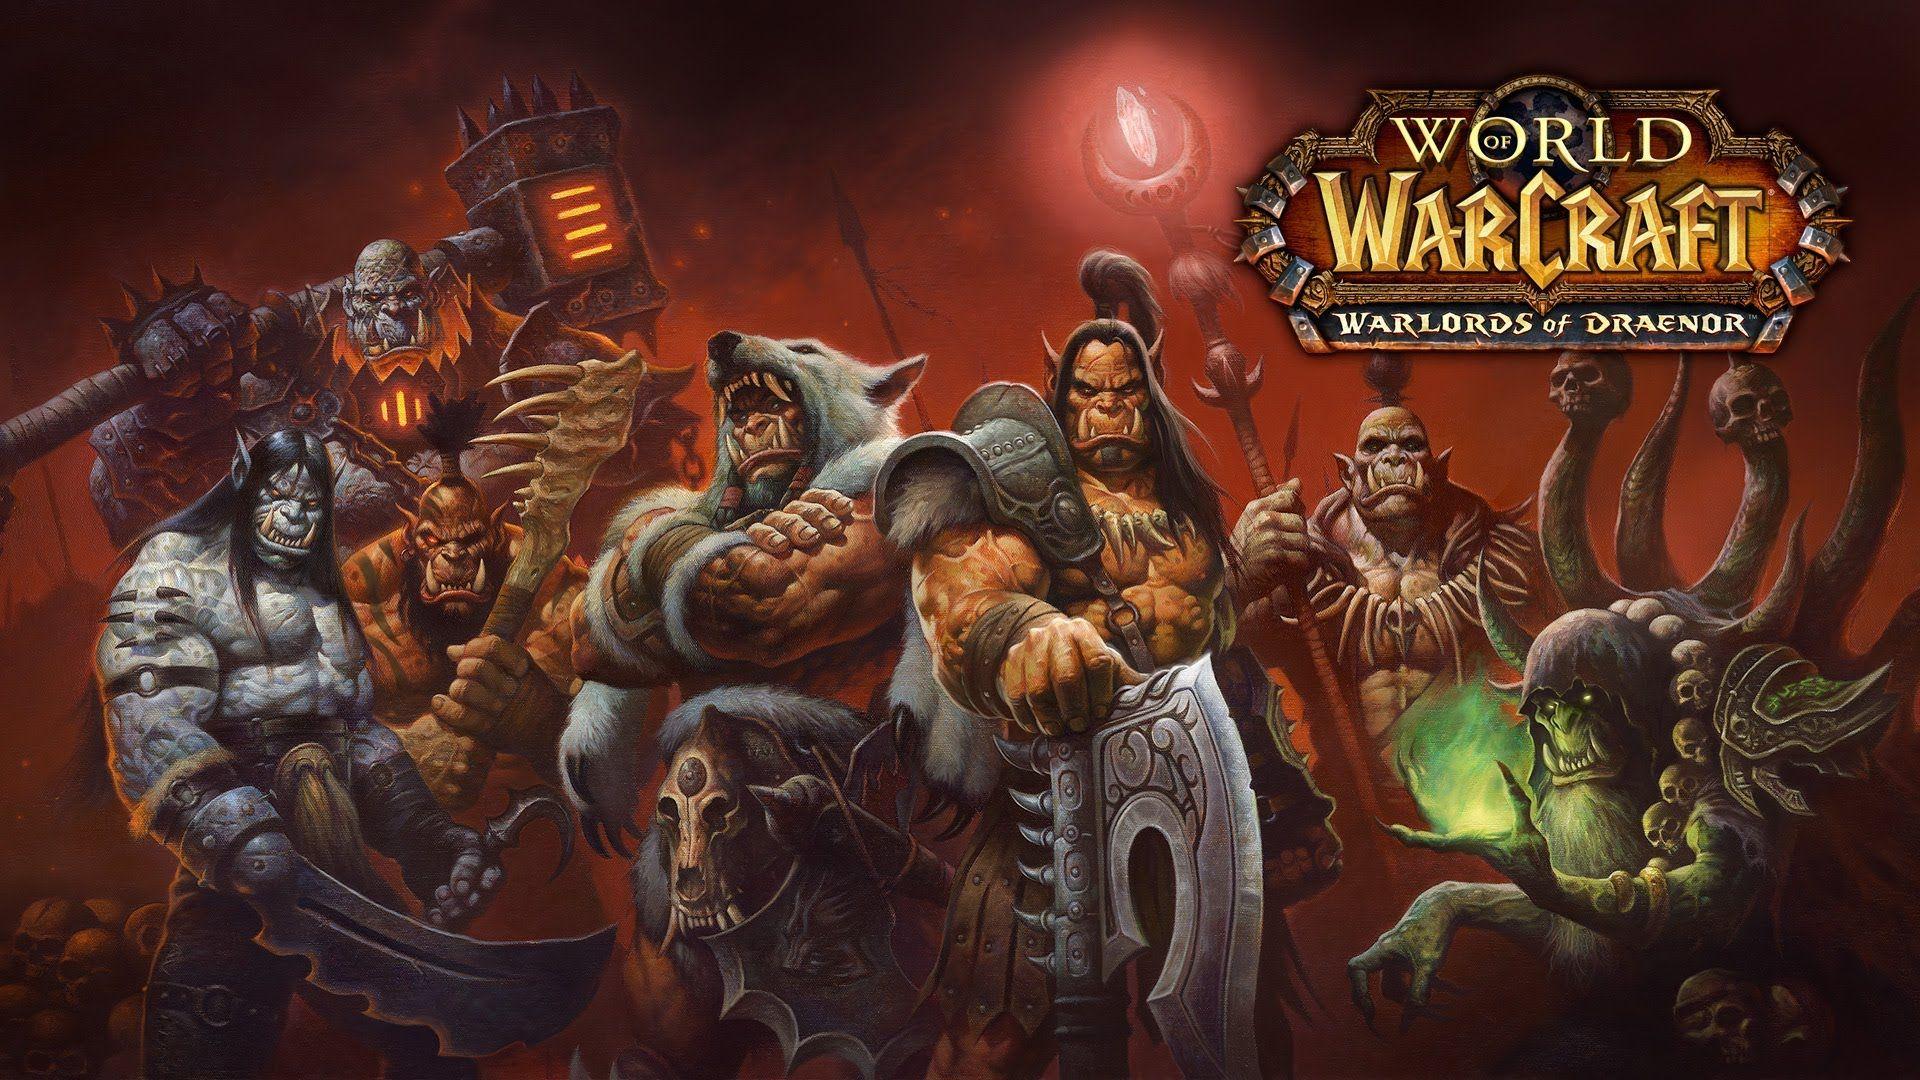 World Of Warcraftın Yeni Paketi Duyuruldu 18